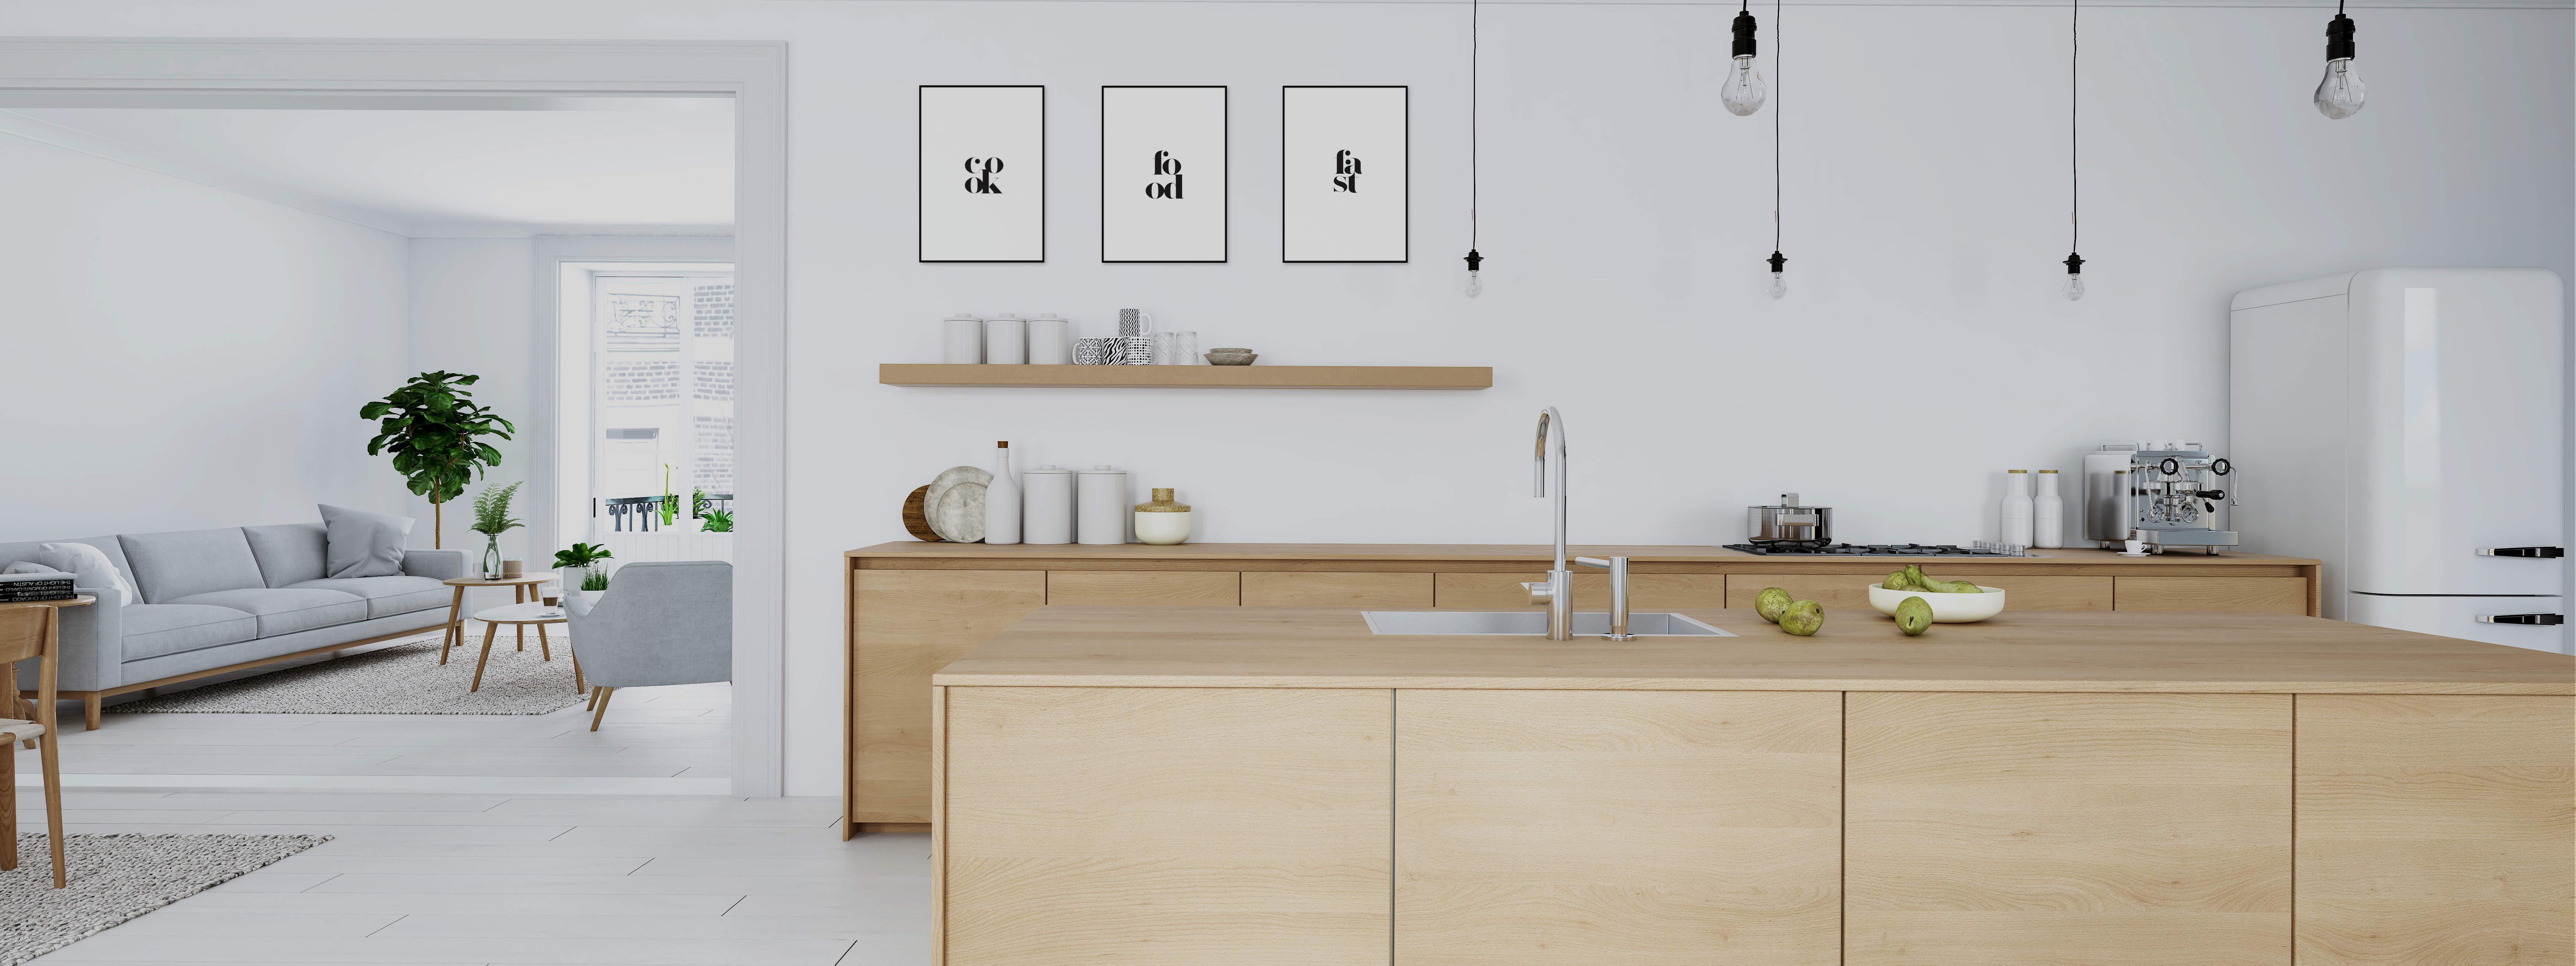 najlpsze plakty do nowej kuchni